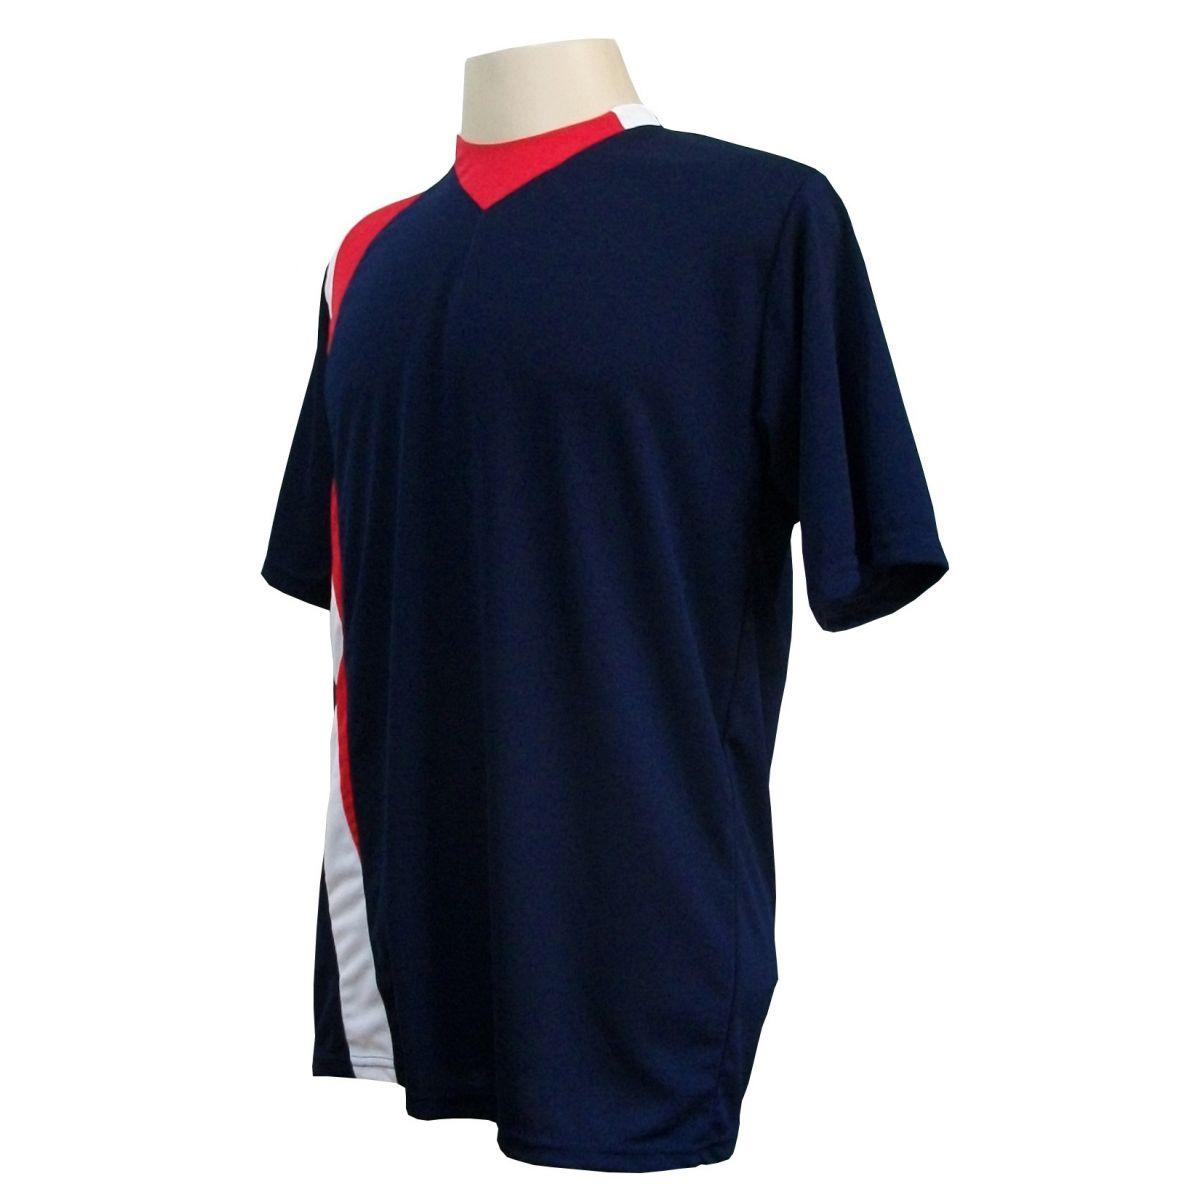 Uniforme Esportivo com 14 camisas modelo PSG Marinho/Vermelho/Branco + 14 calções modelo Madrid Vermelho + Brindes